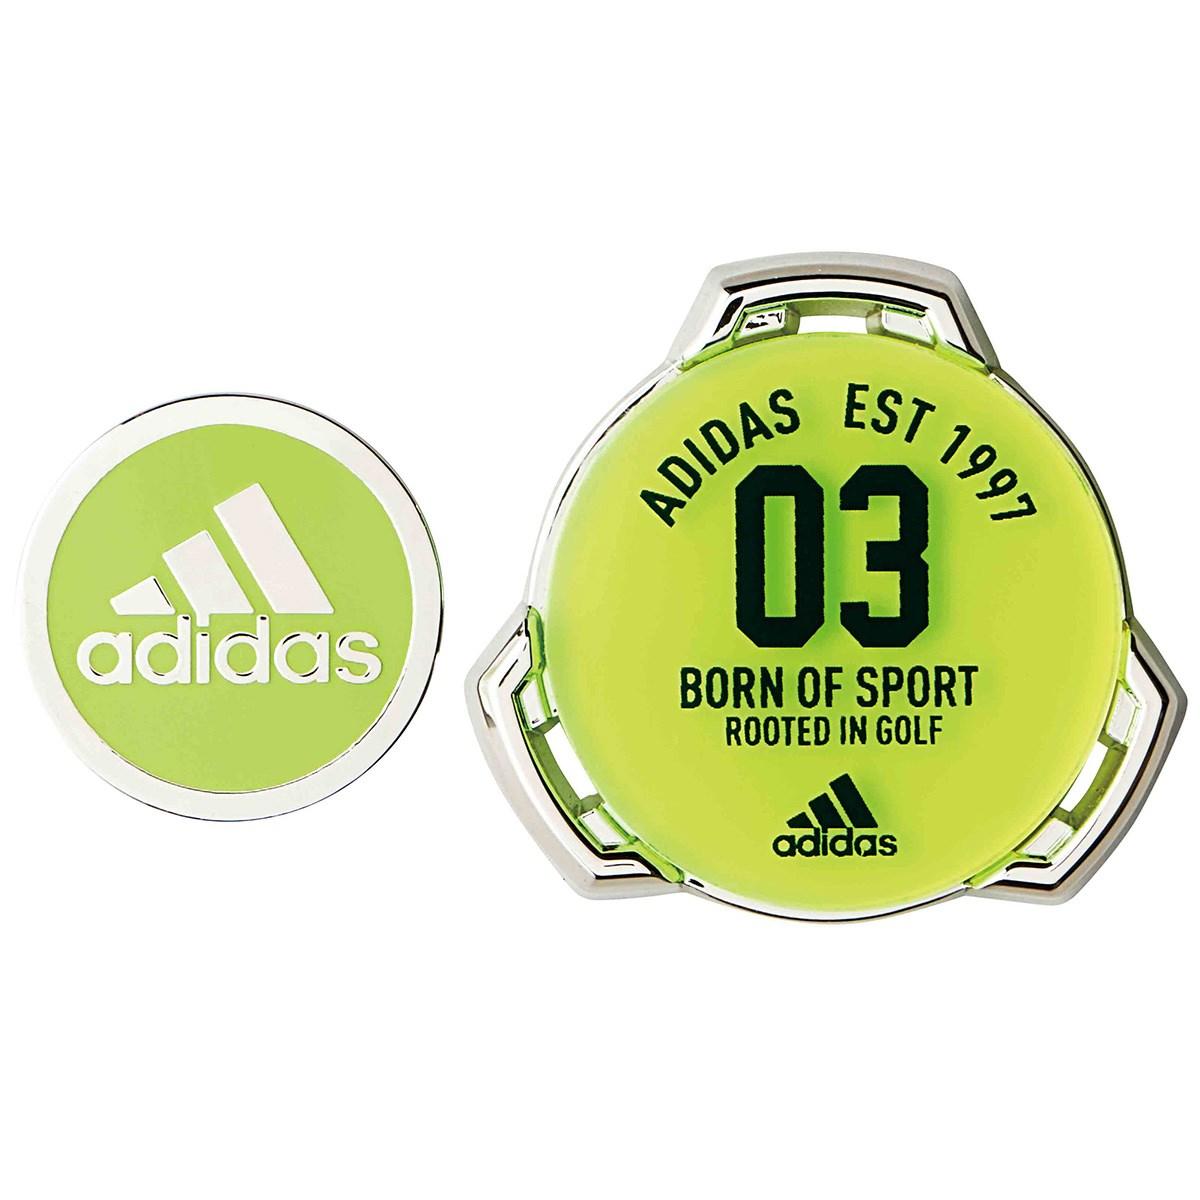 アディダス(adidas) ネオンカラーツインマーカー